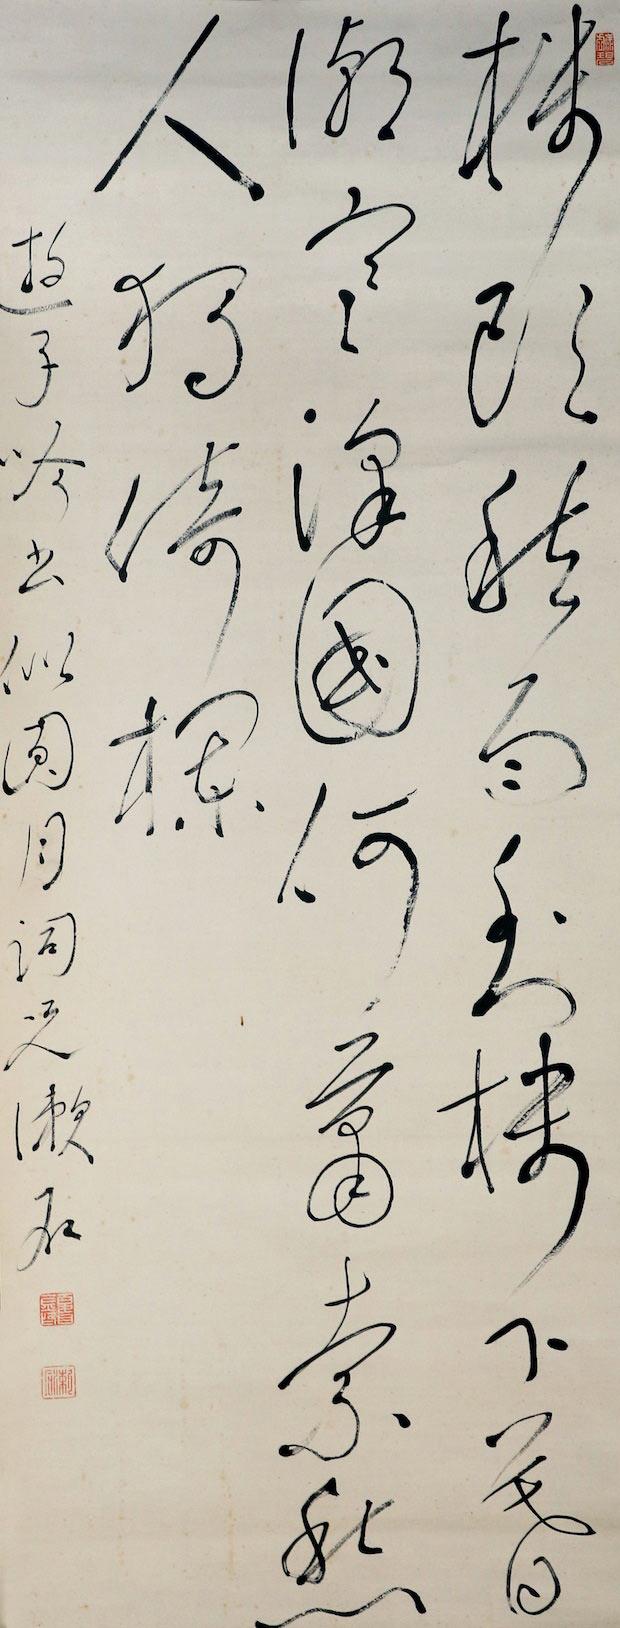 夏目漱石《五言絶句》 1914年公益財団法人川端康成記念会蔵